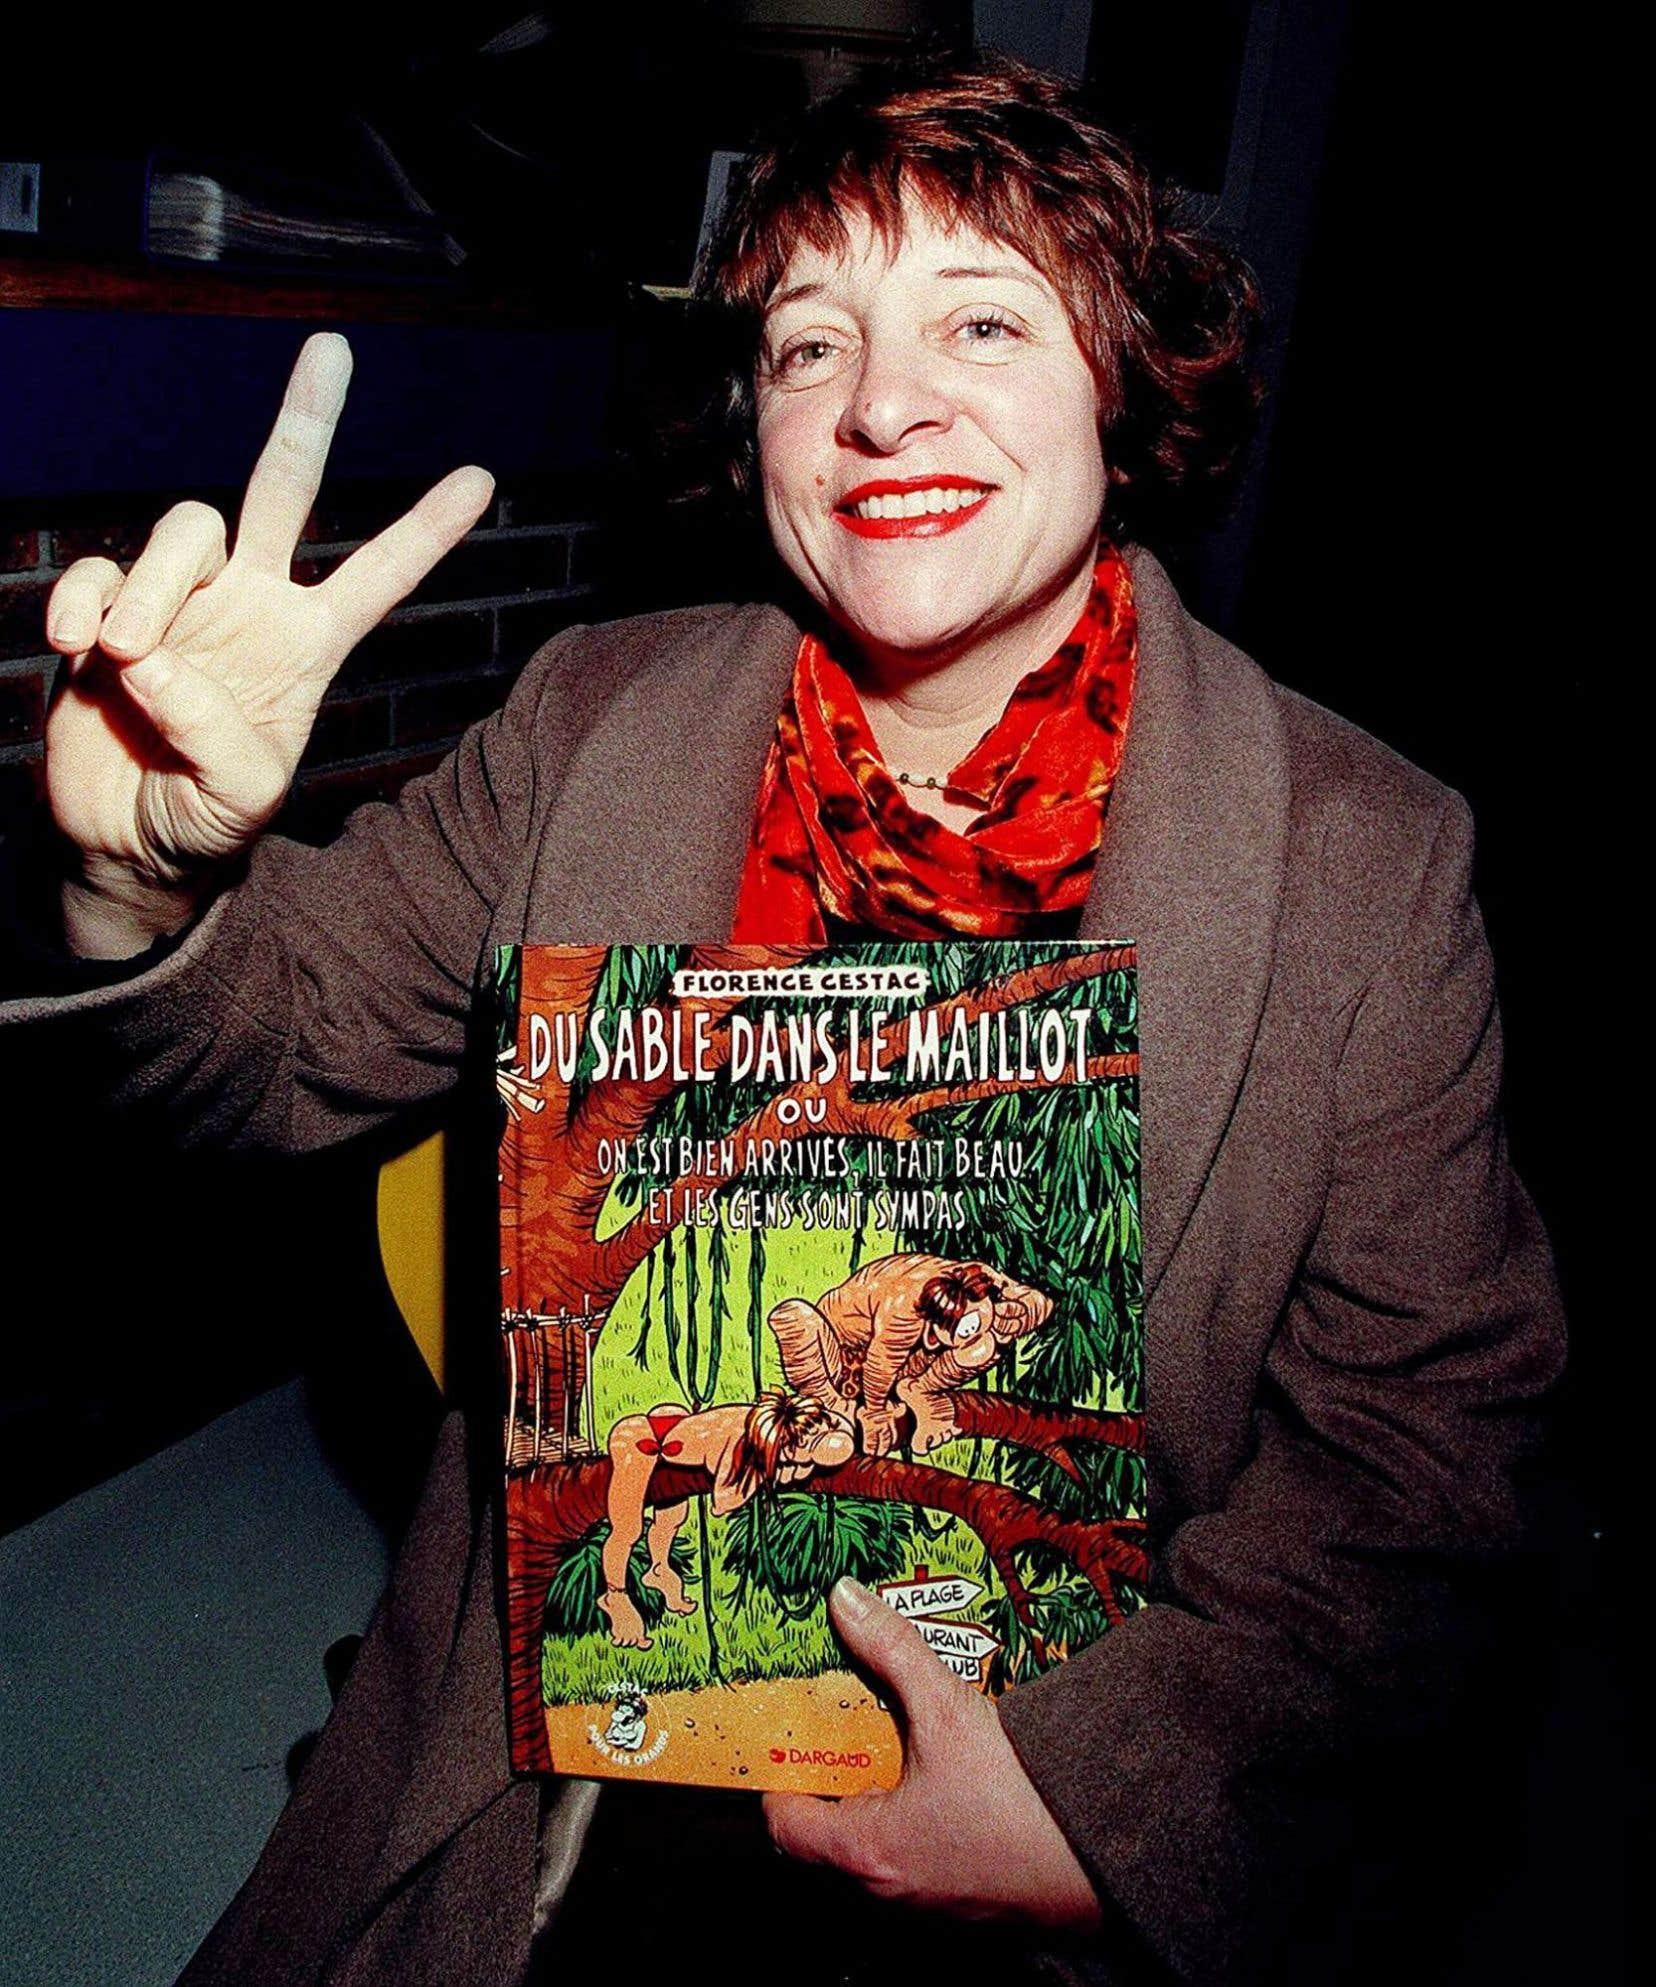 Depuis sa création en 1974, le Grand Prix de la bédé d'Angoulême n'a honoré qu'une seule femme pour l'ensemble de son œuvre. C'était Florence Cestac, en 2000.